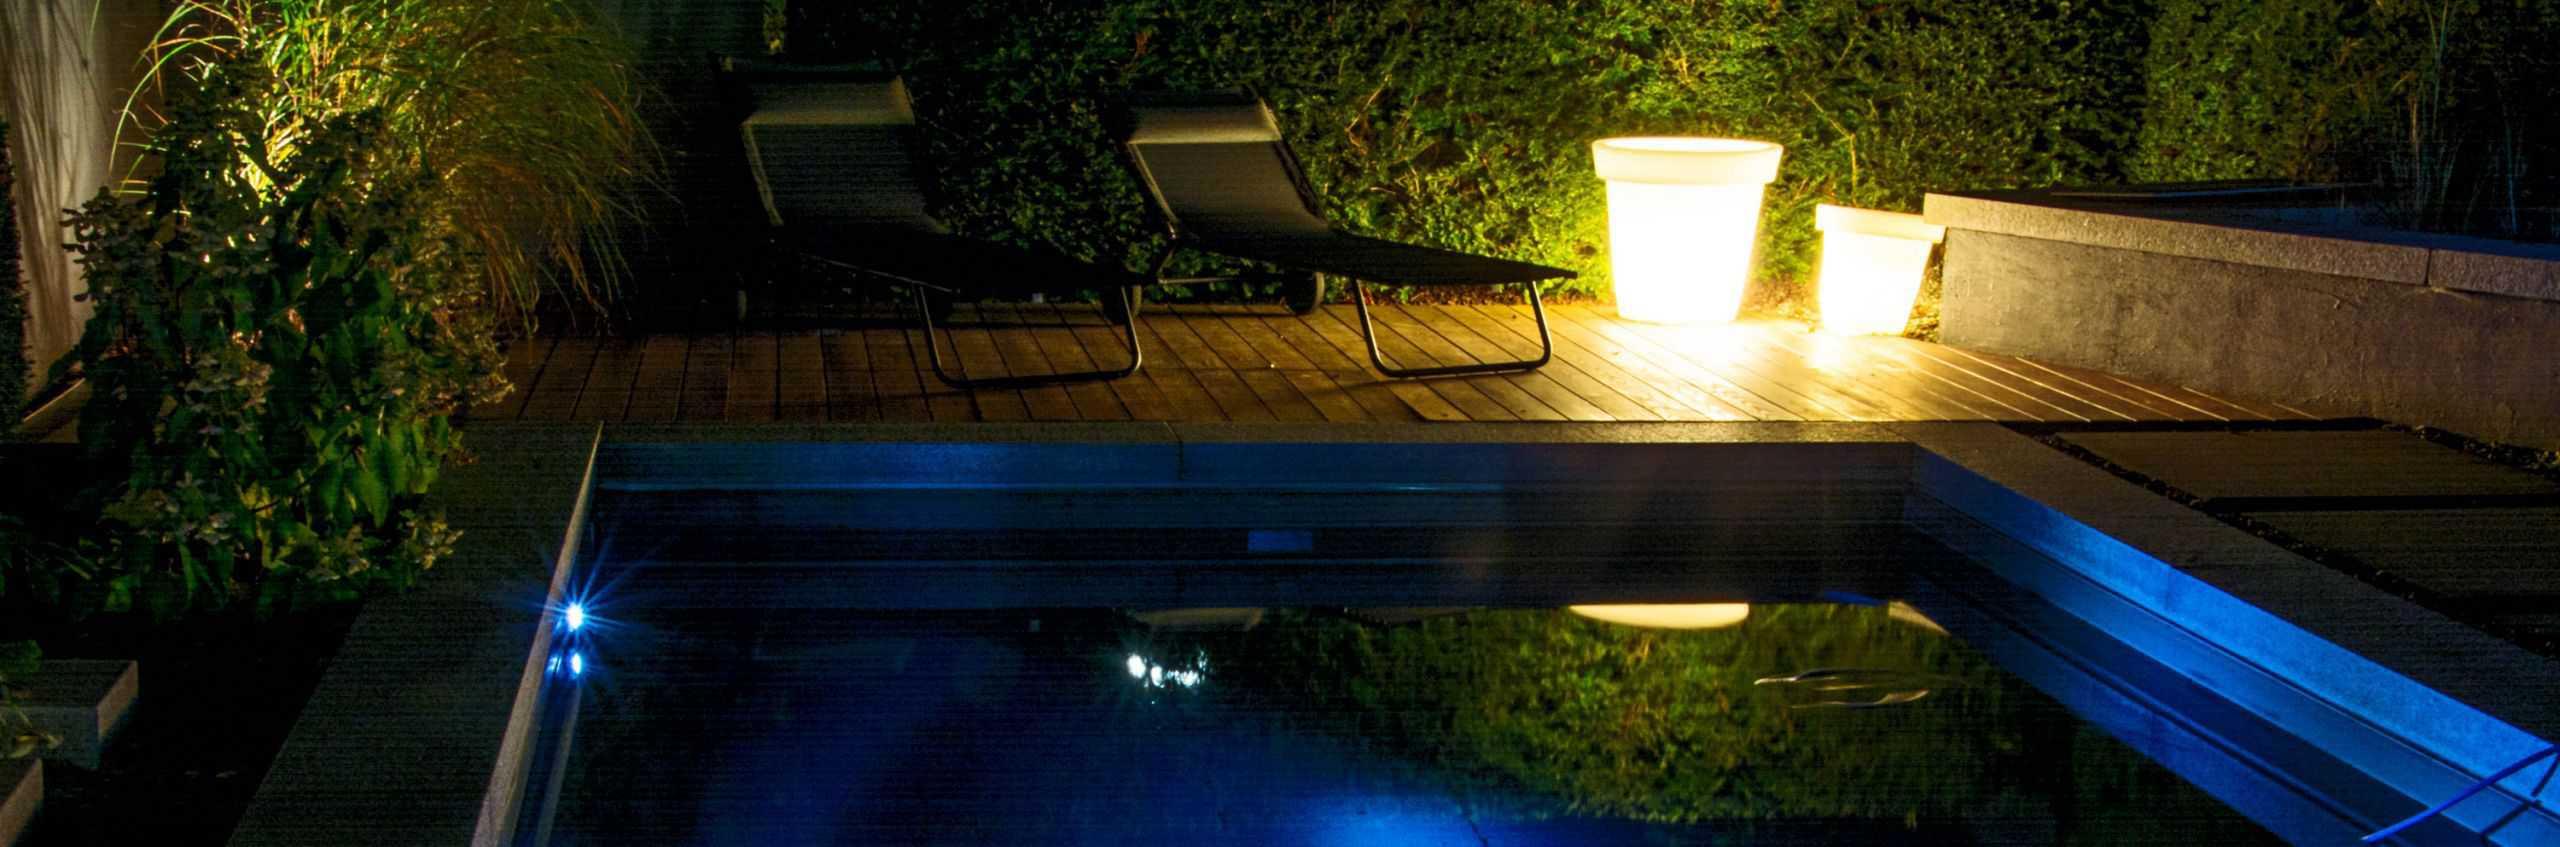 beleuchtung-licht-im-garten-bullinger